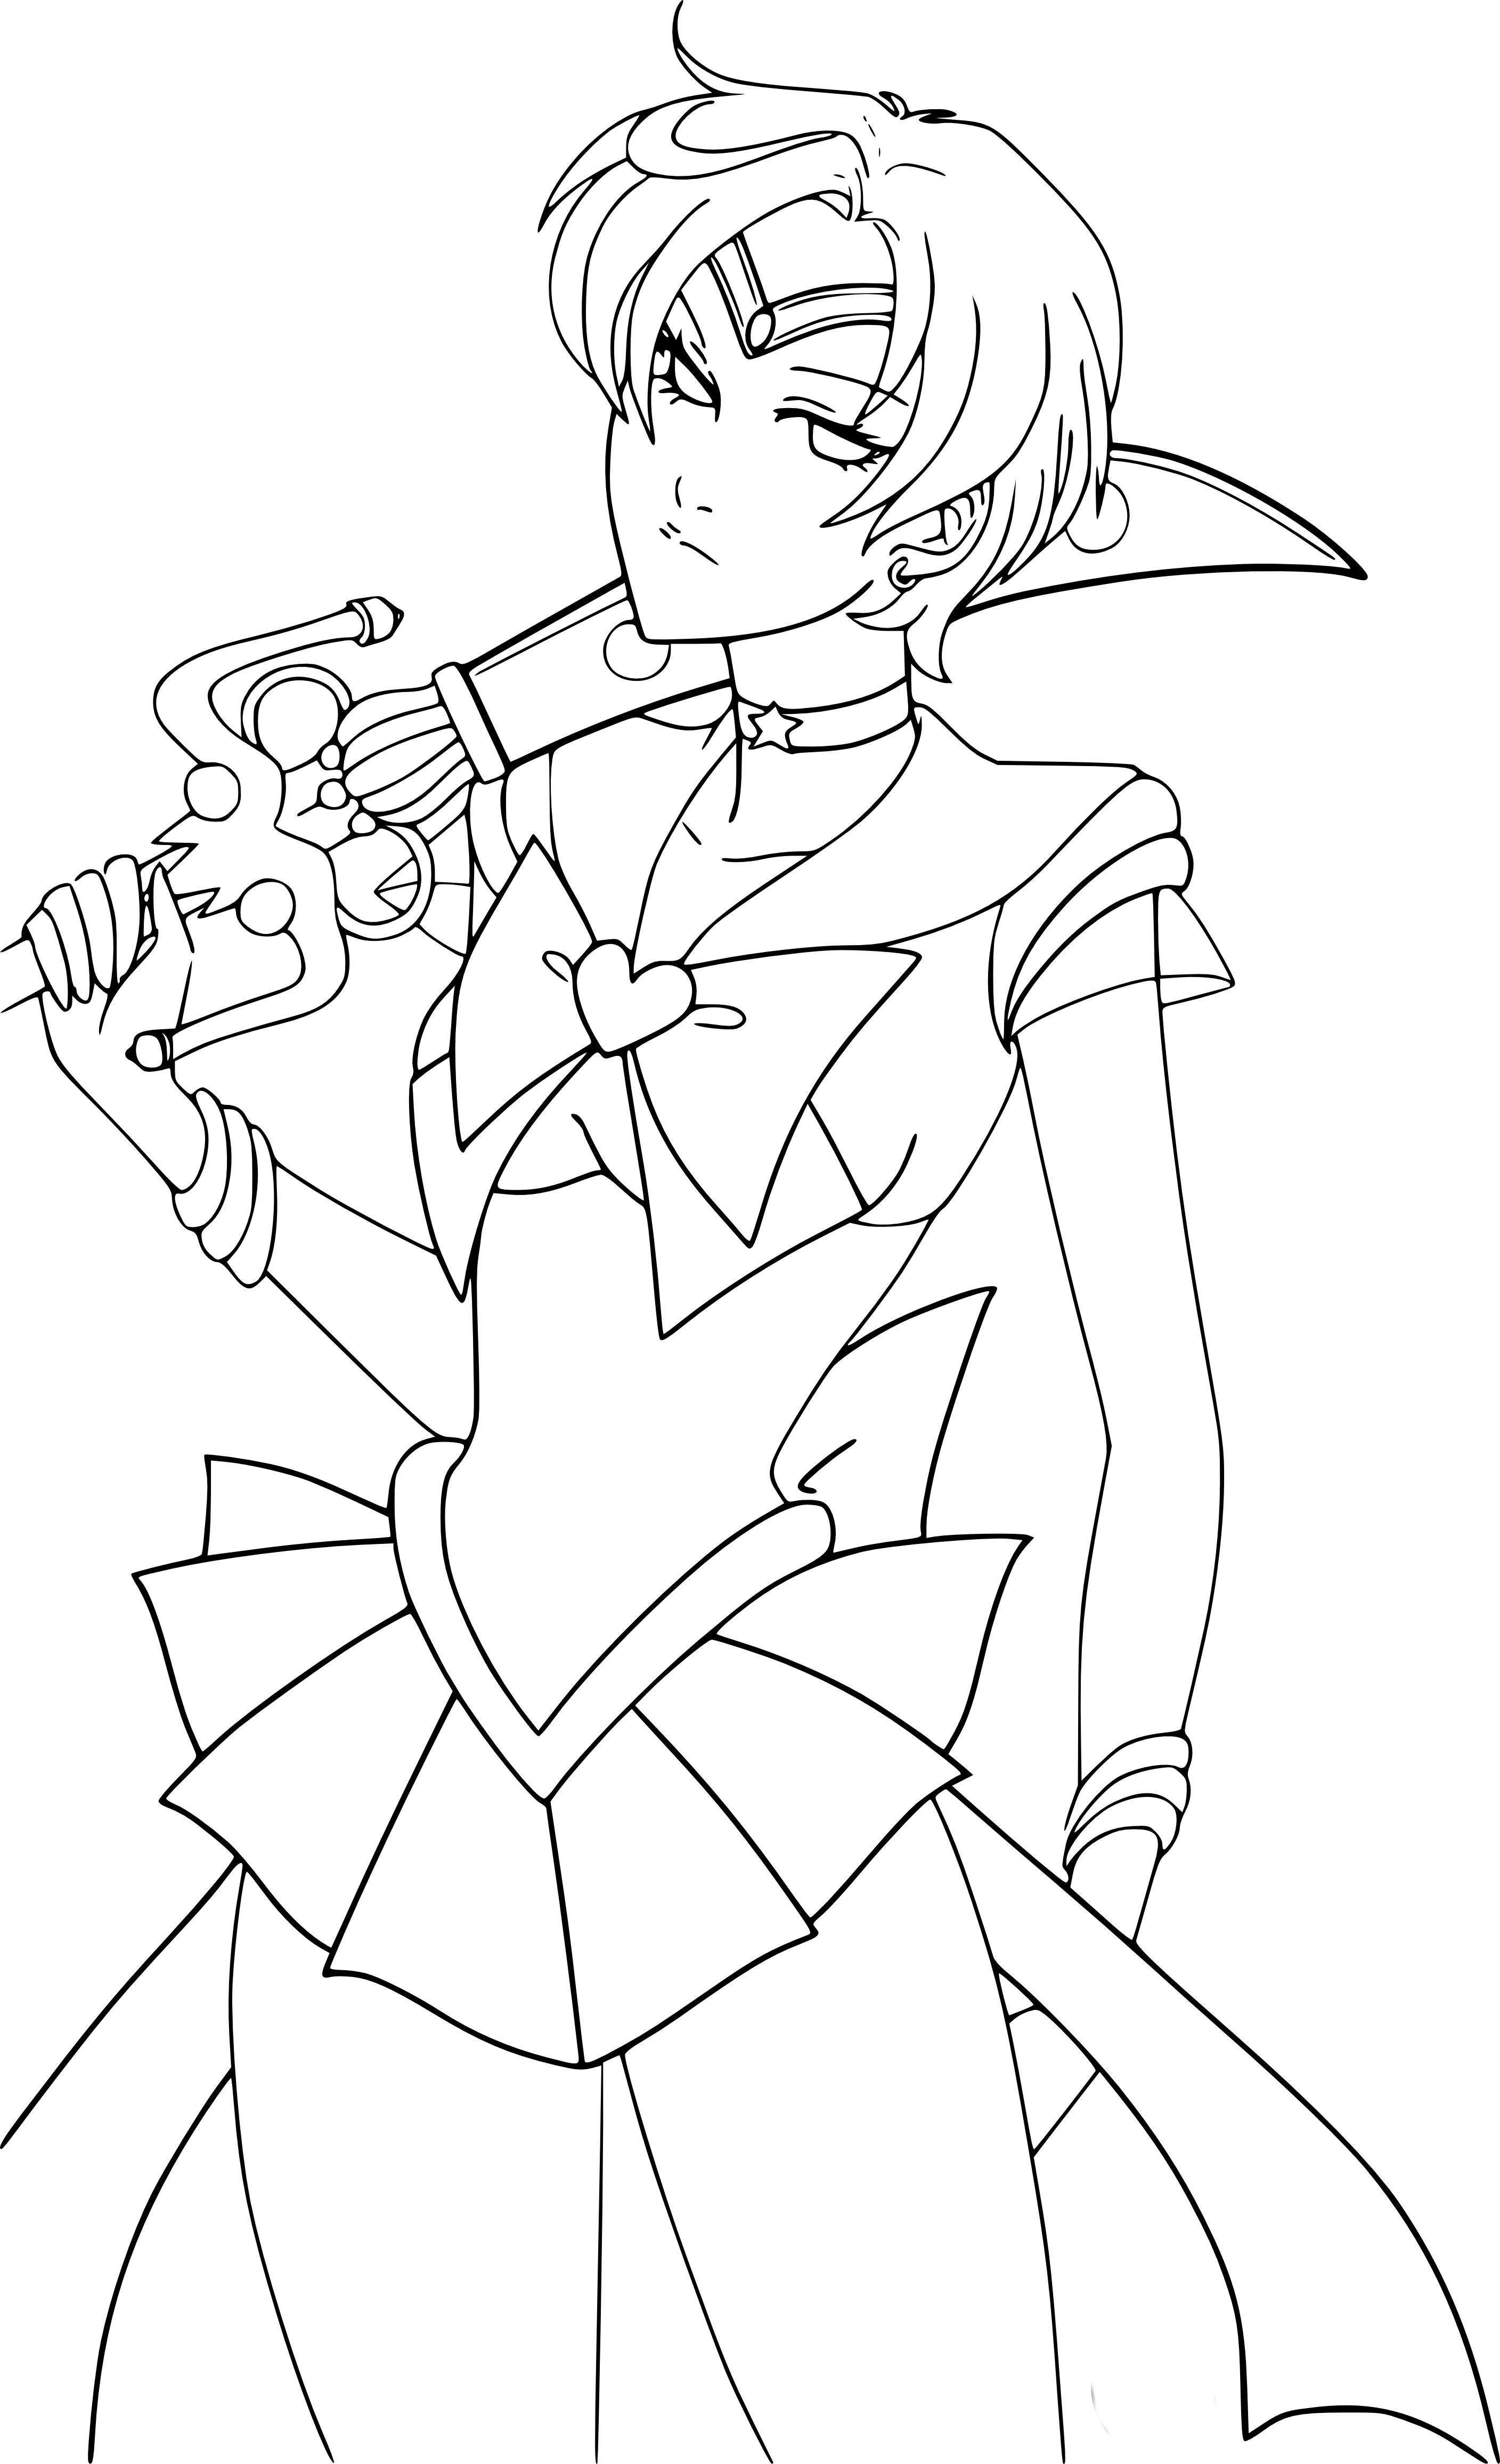 Coloriage Manga Fille Et Garcon.Coloriage Sailor Uranus A Imprimer Et Colorier